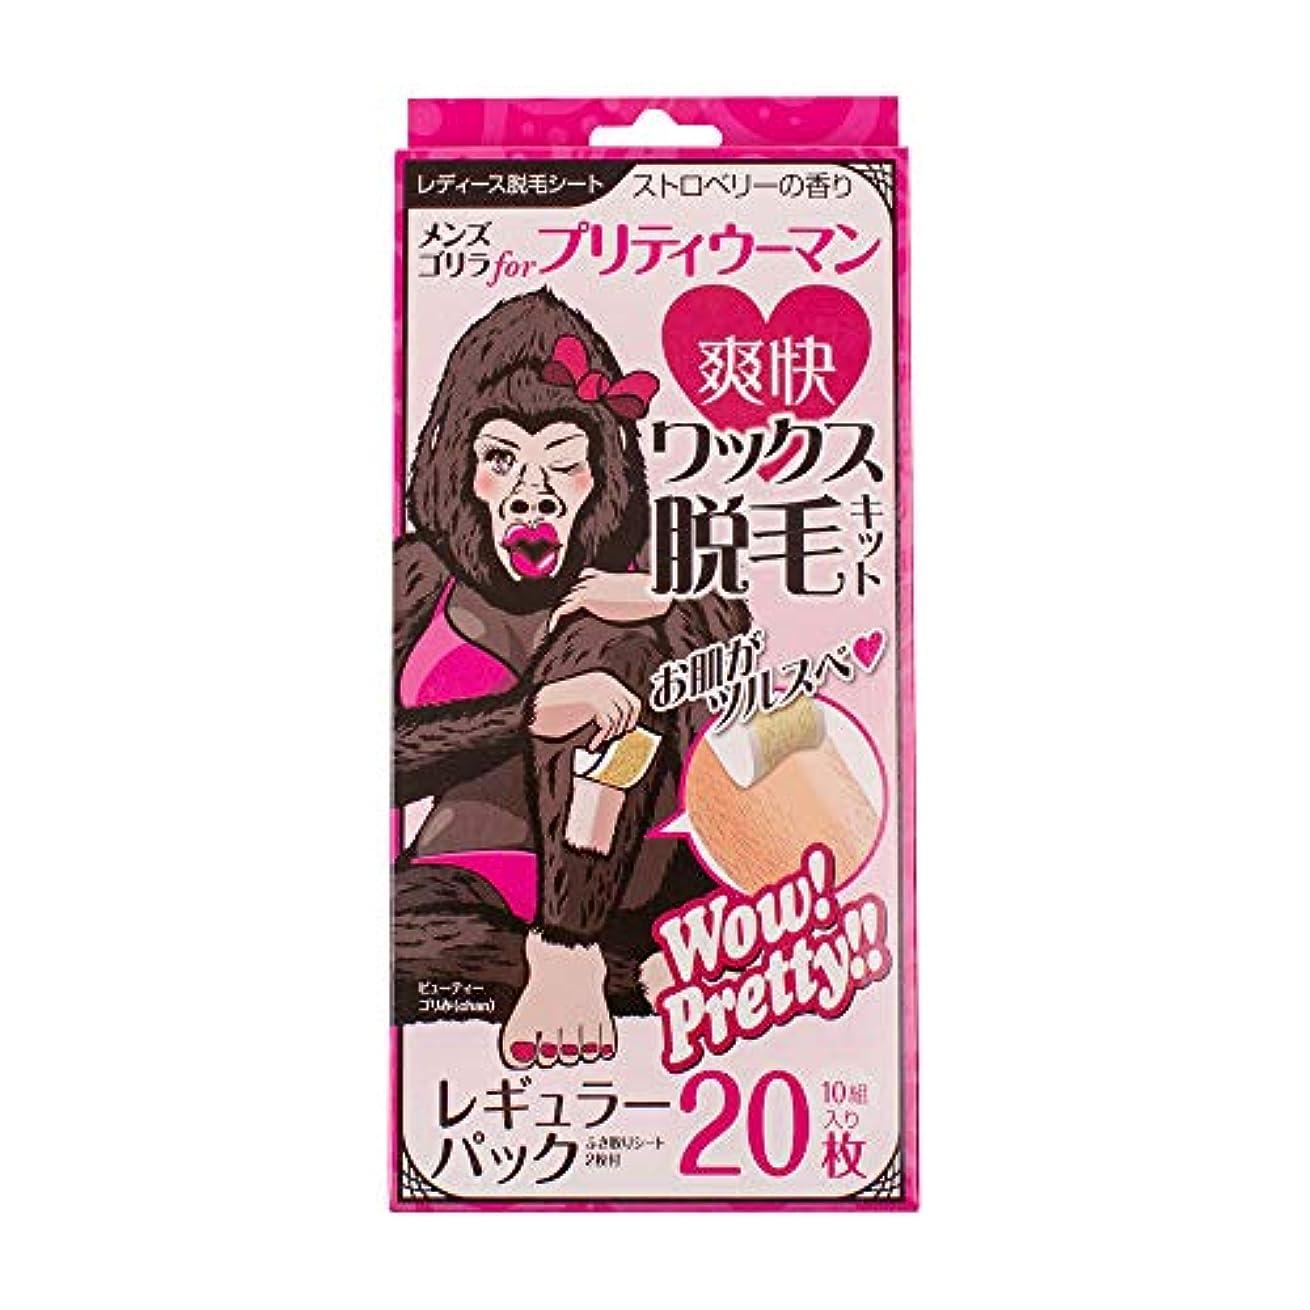 メンズゴリラ for pretty womenゴリみ ワックス脱毛シート レギュラーパック10組20枚入り